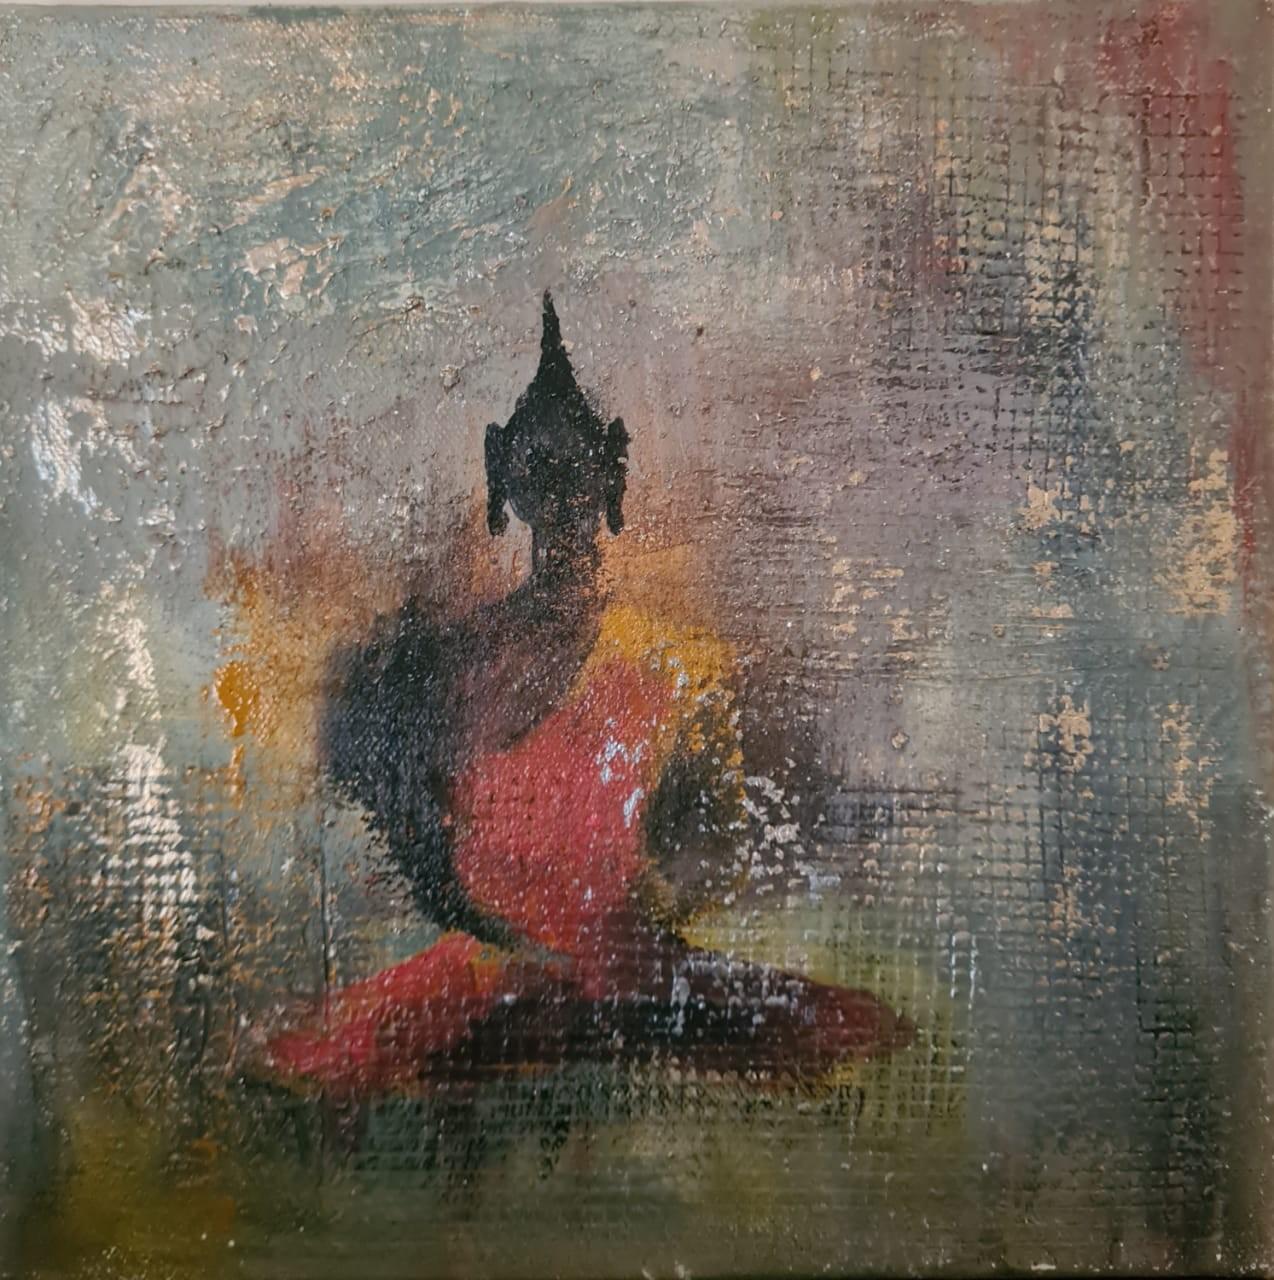 Meditation by Jean wijesekera